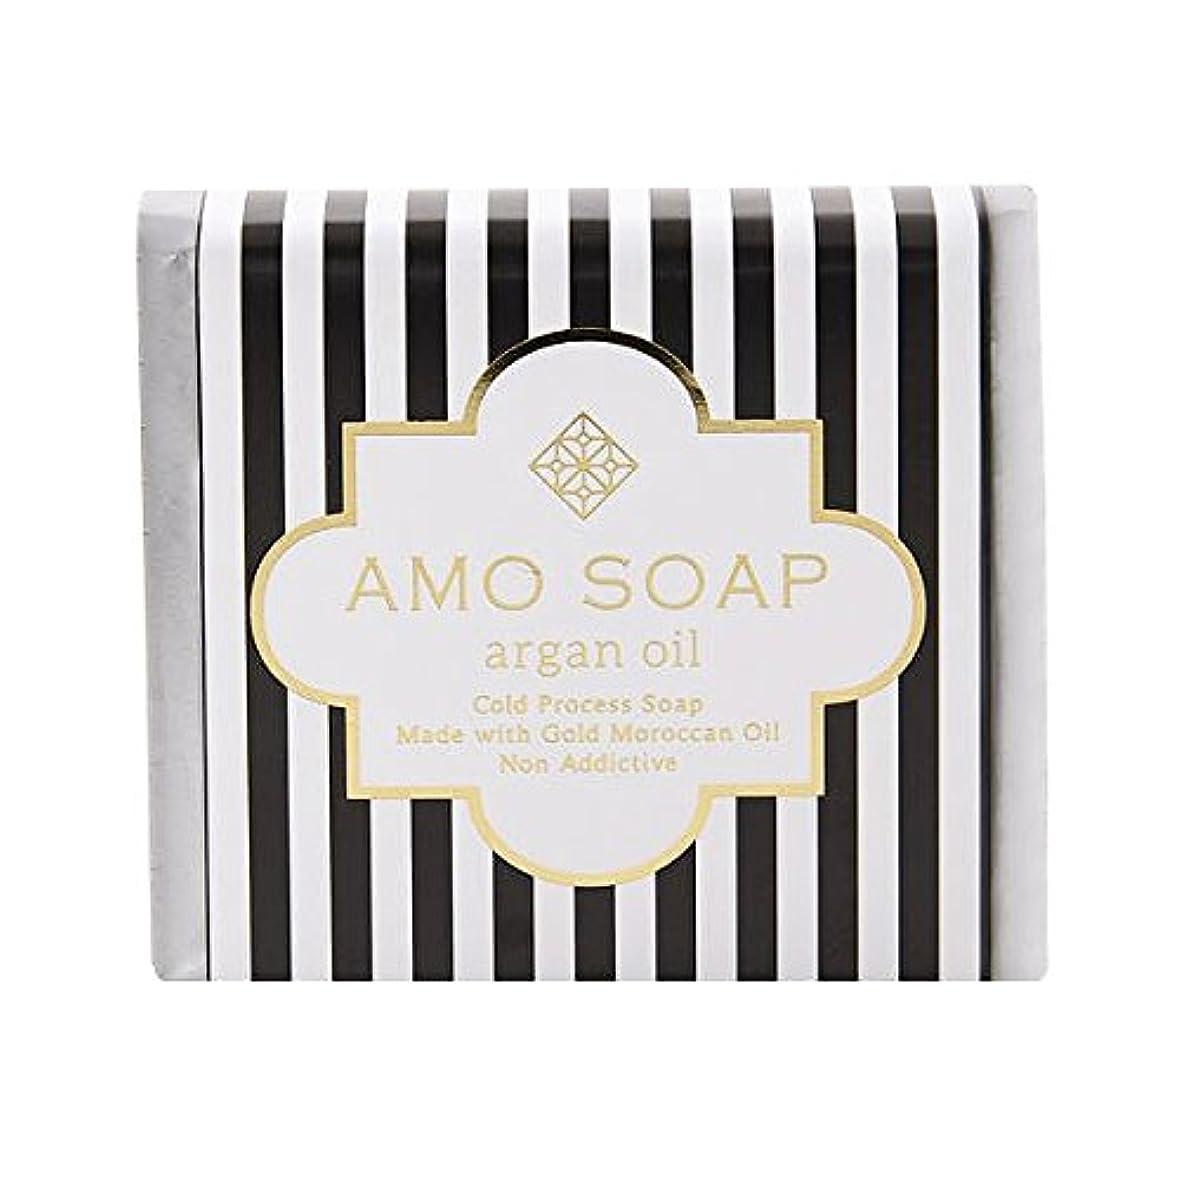 動物園おなかがすいたパフAMO SOAP(アモソープ) 洗顔せっけんアルガンオイル配合 1個 コールドプロセス製法 日本製 エイジングケア オリーブオイル シアバター